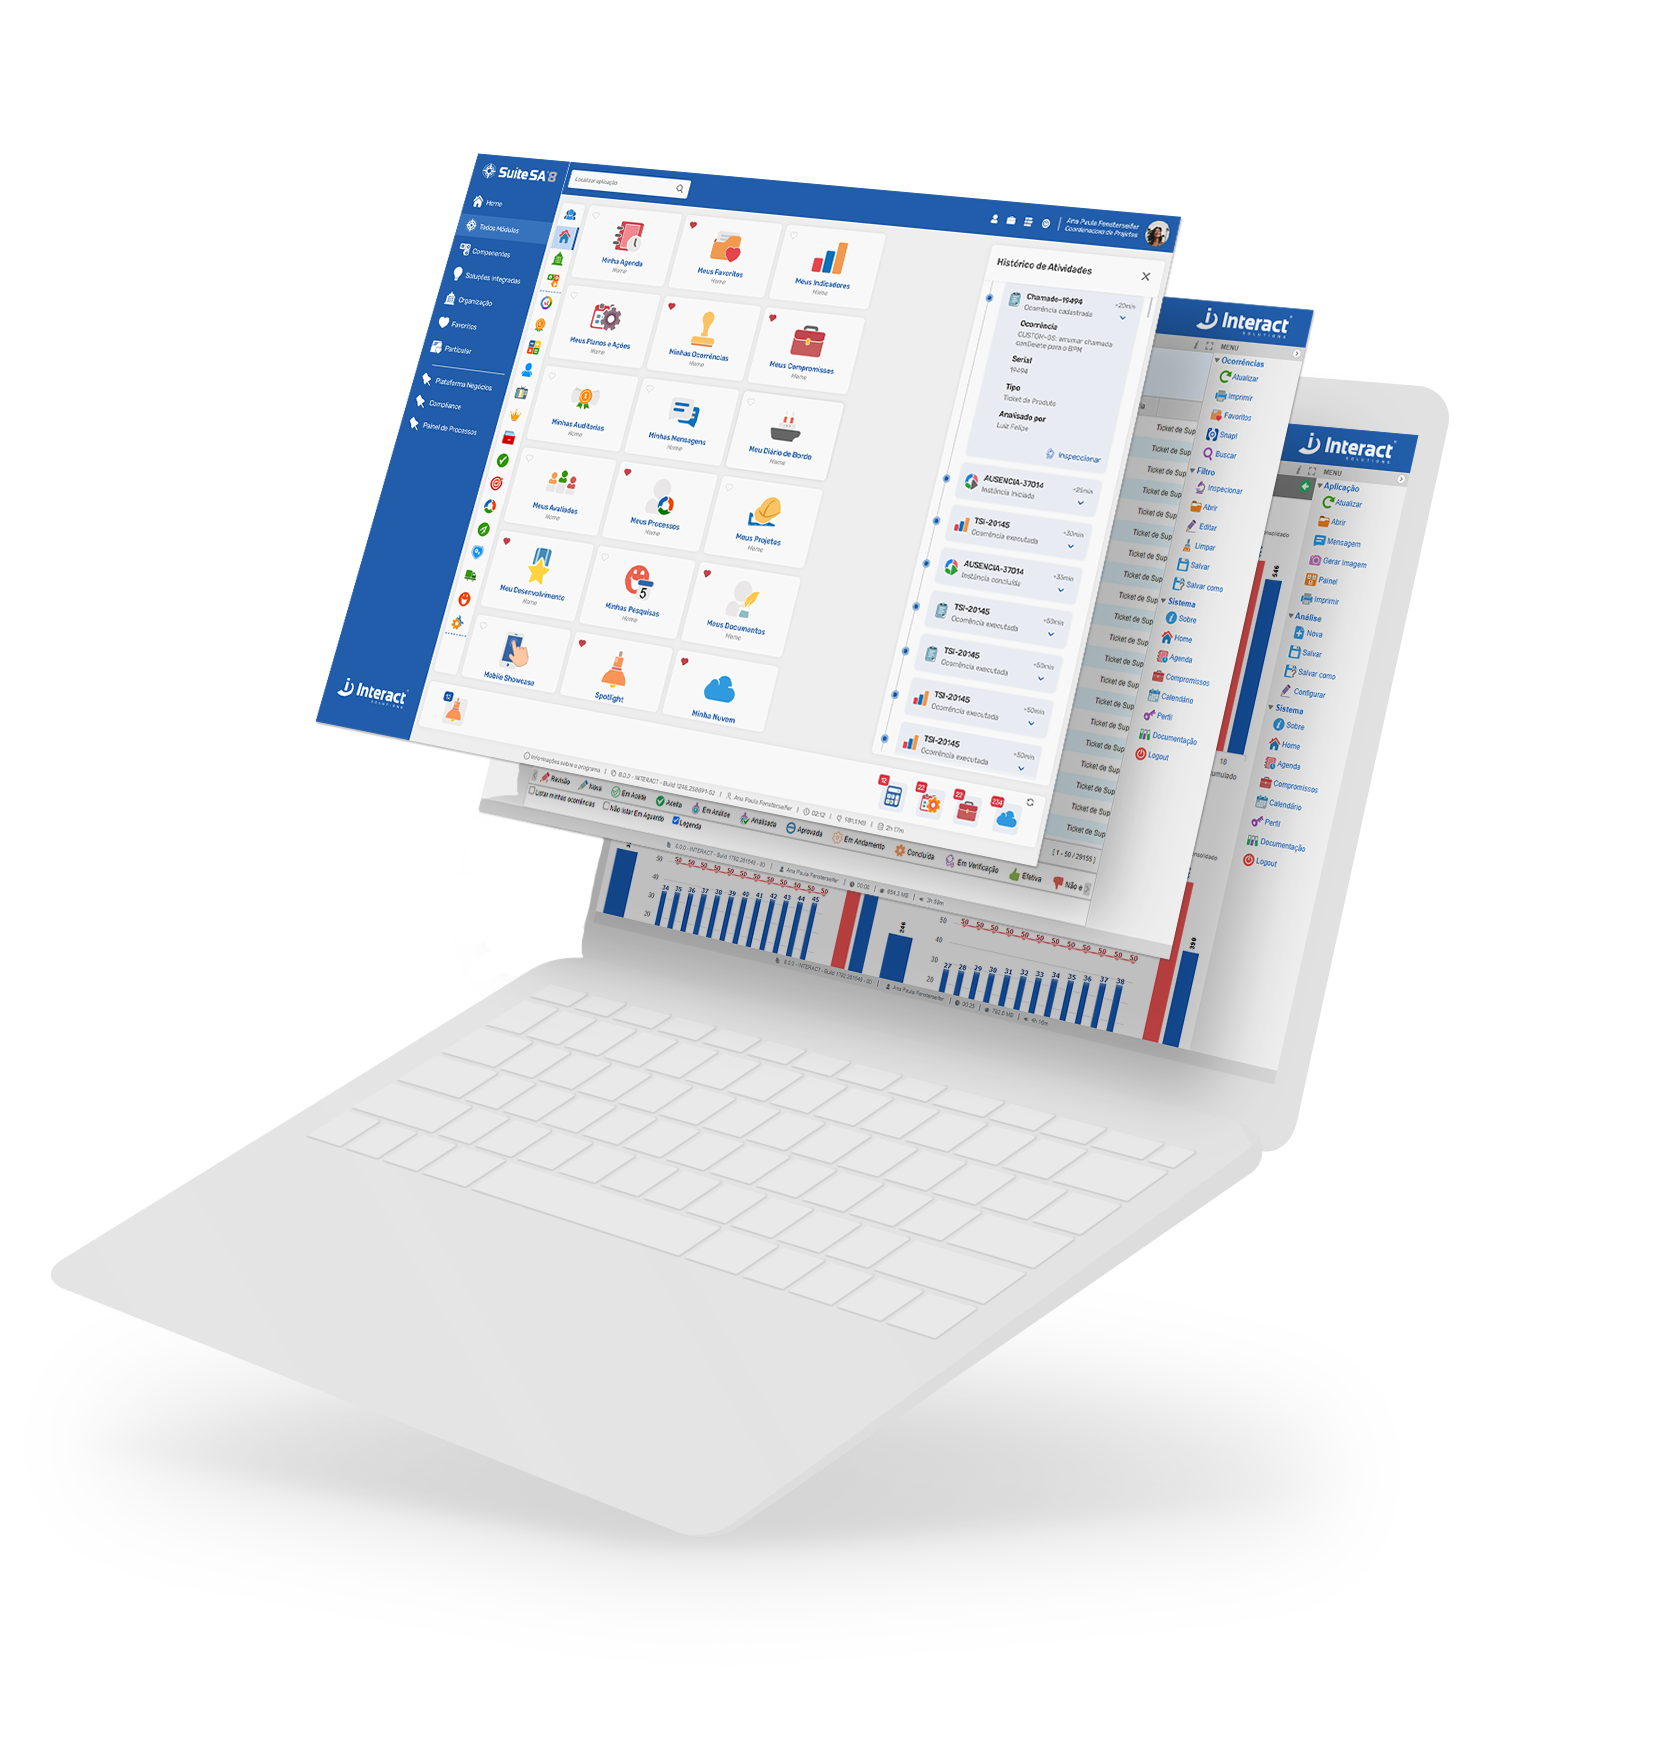 Suite SA 8: Interact lança oitava versão de seu software de governança corporativa